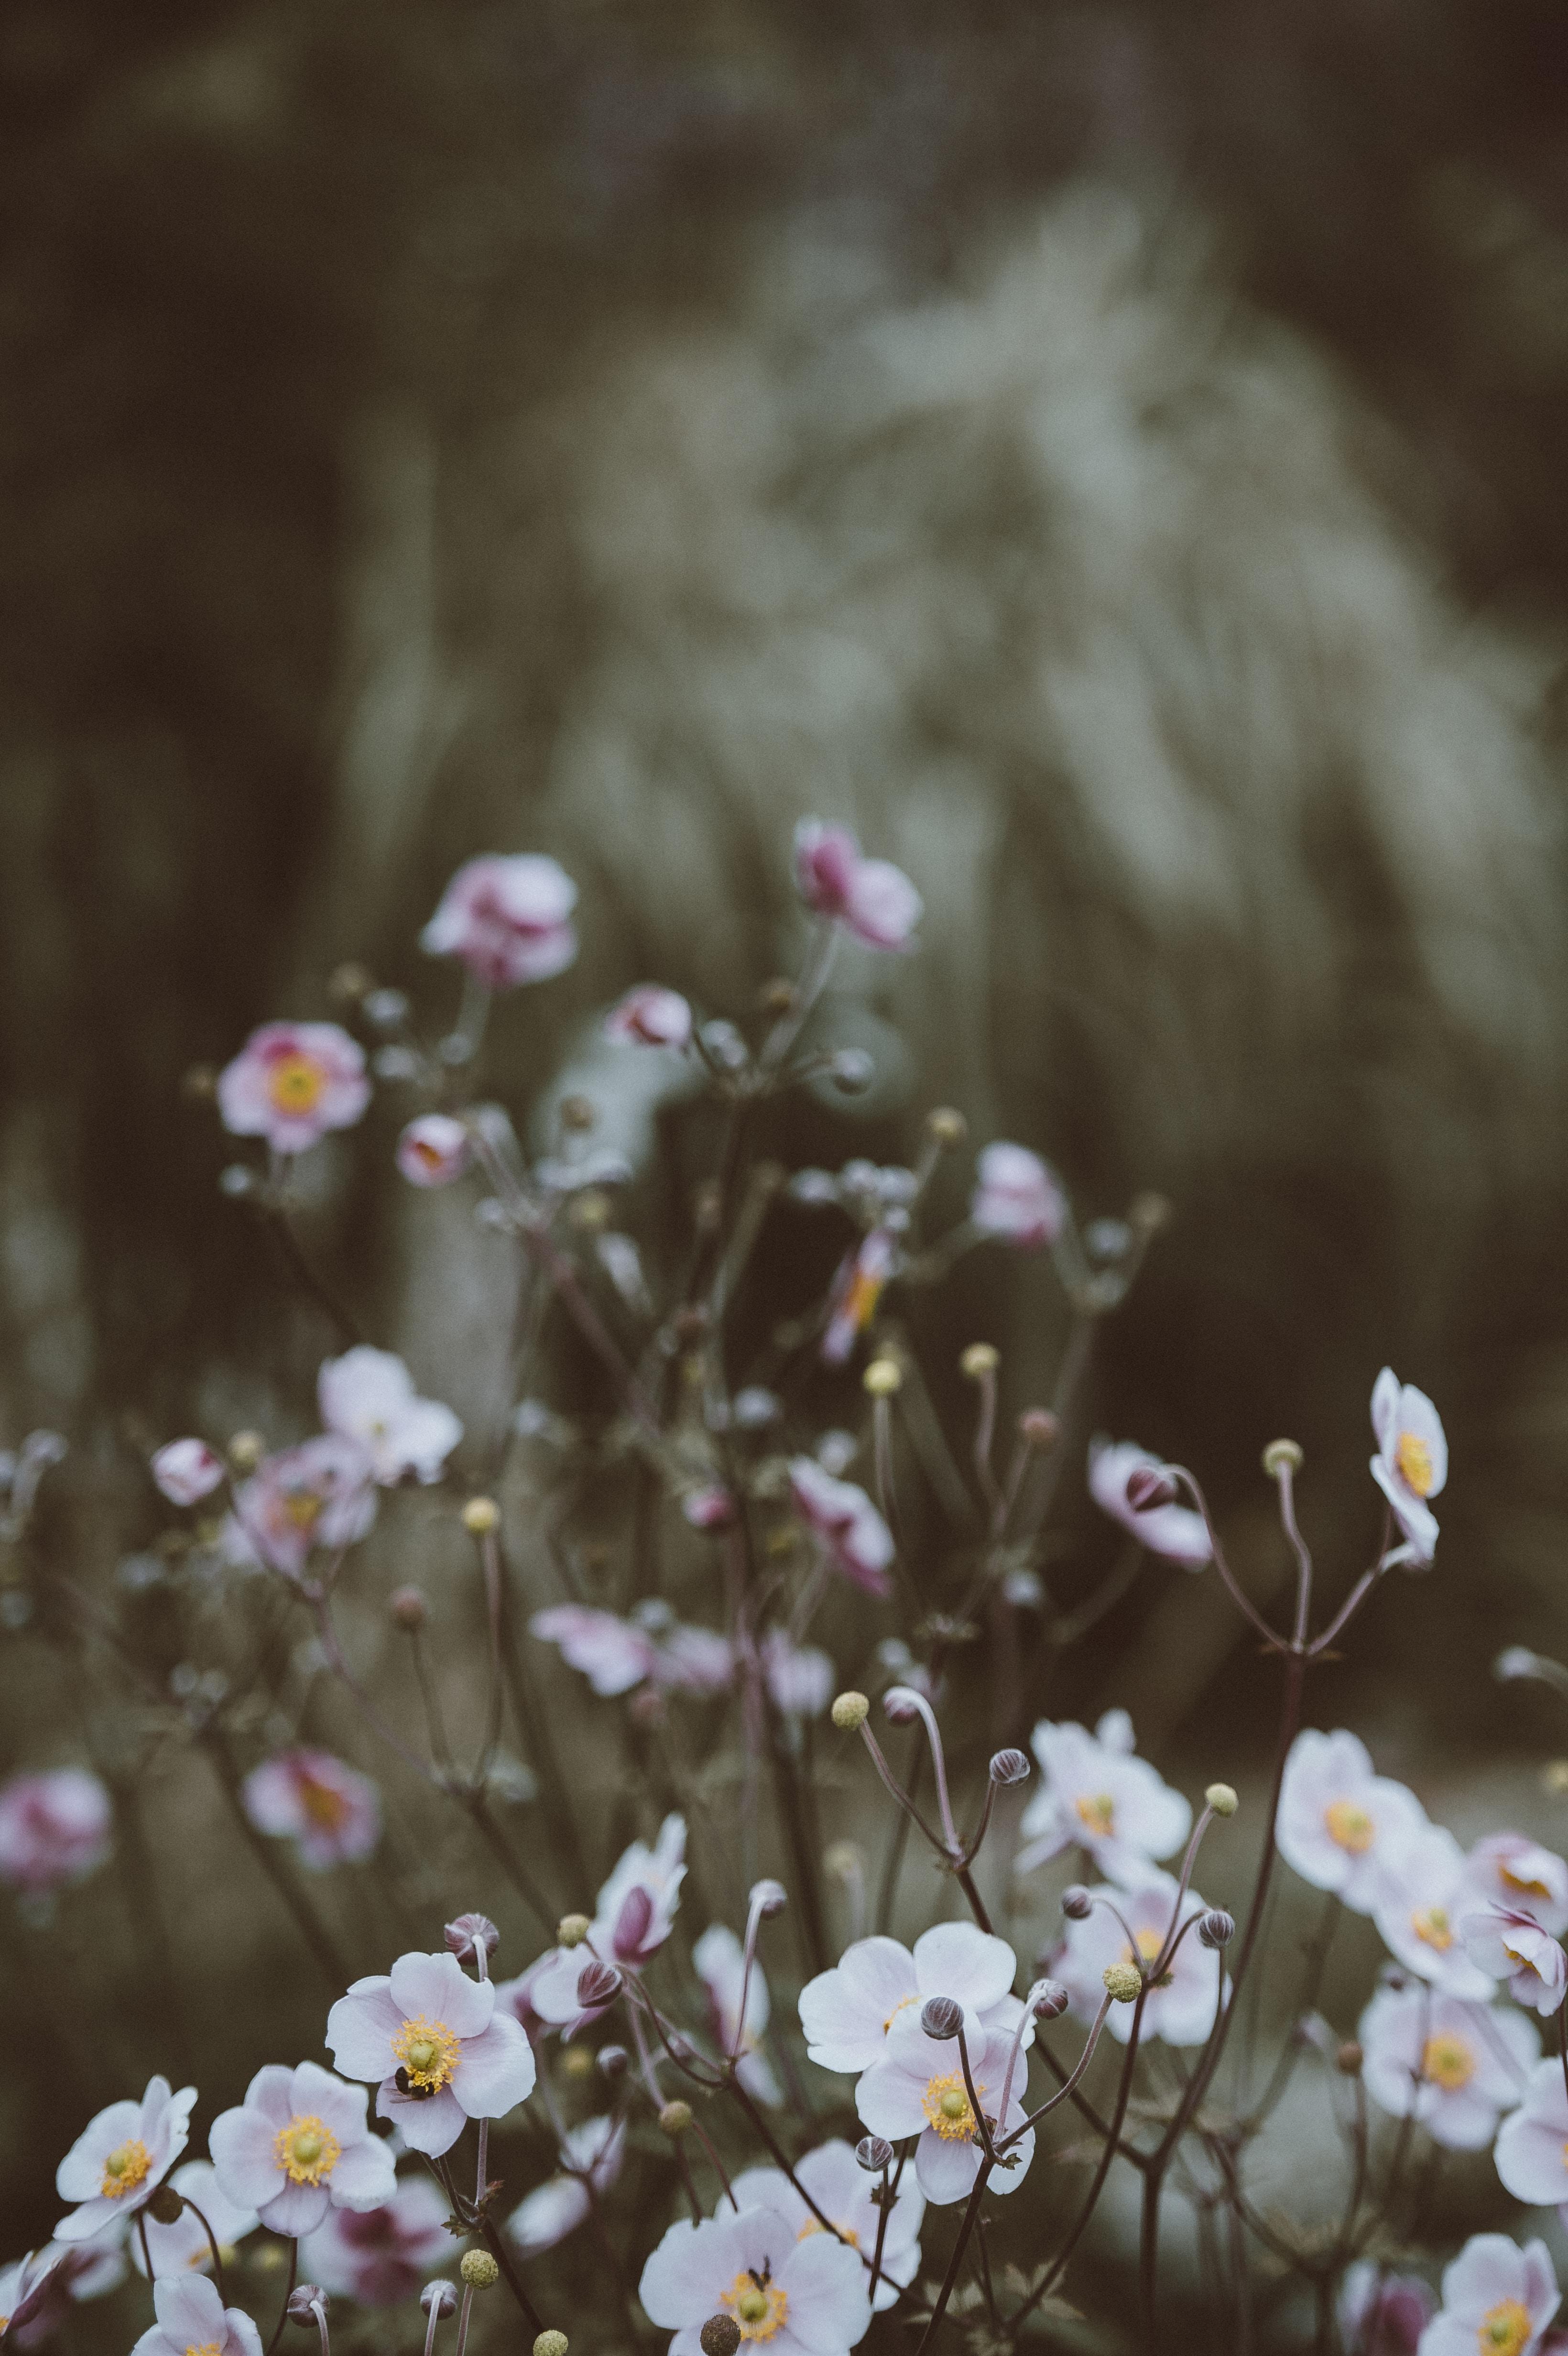 tilt shift photography of white petaled flowers